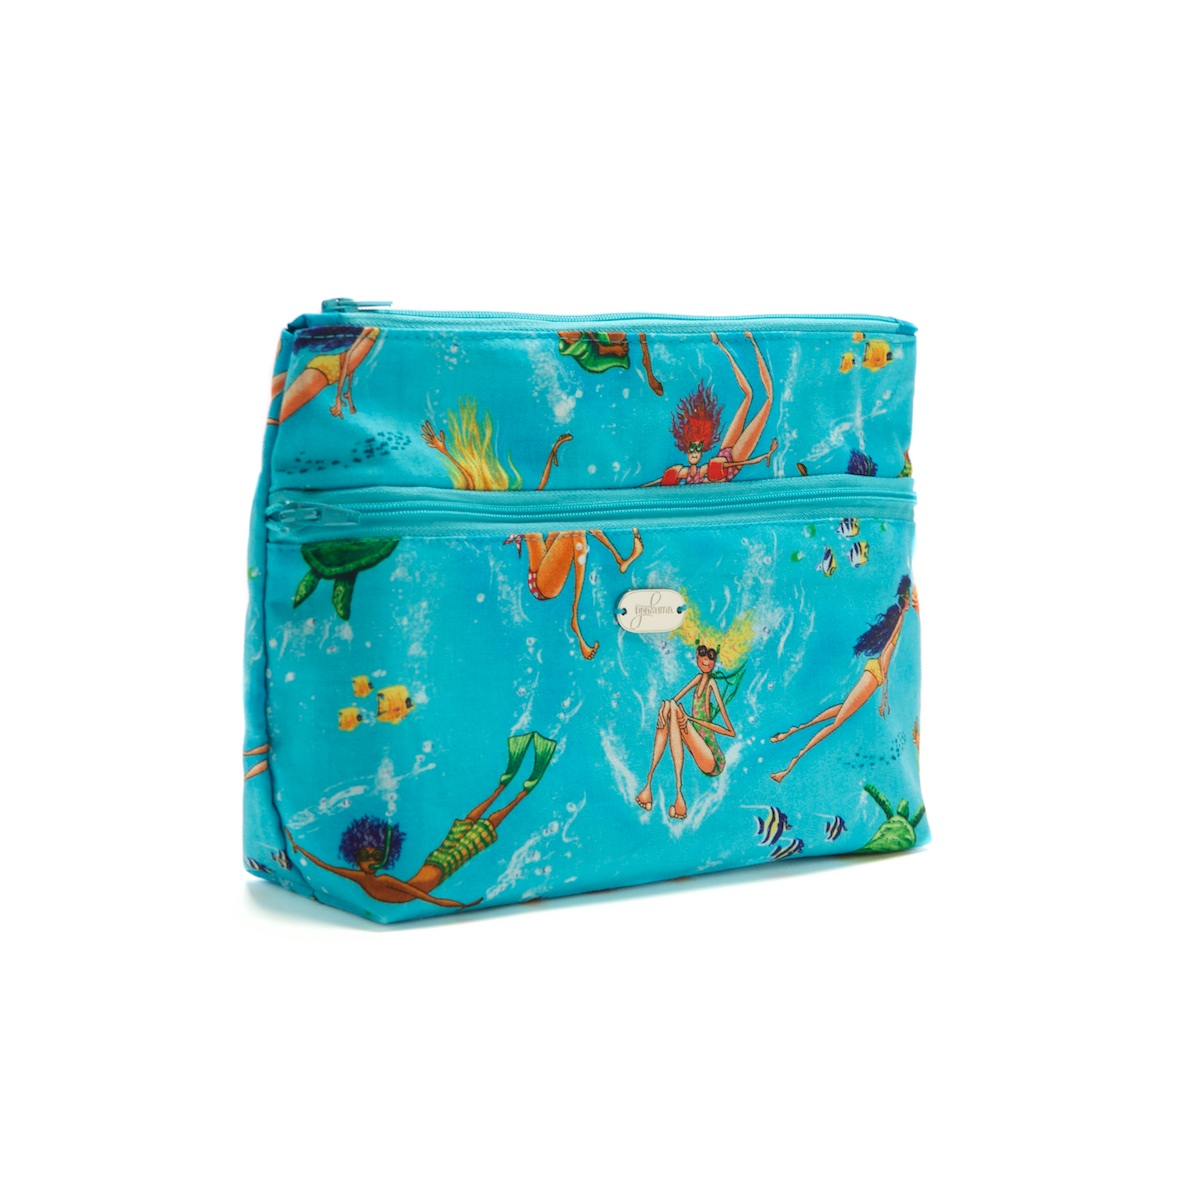 80c65e1a0f Beach Bag Set Summertime Blue Twin Zip Pouch